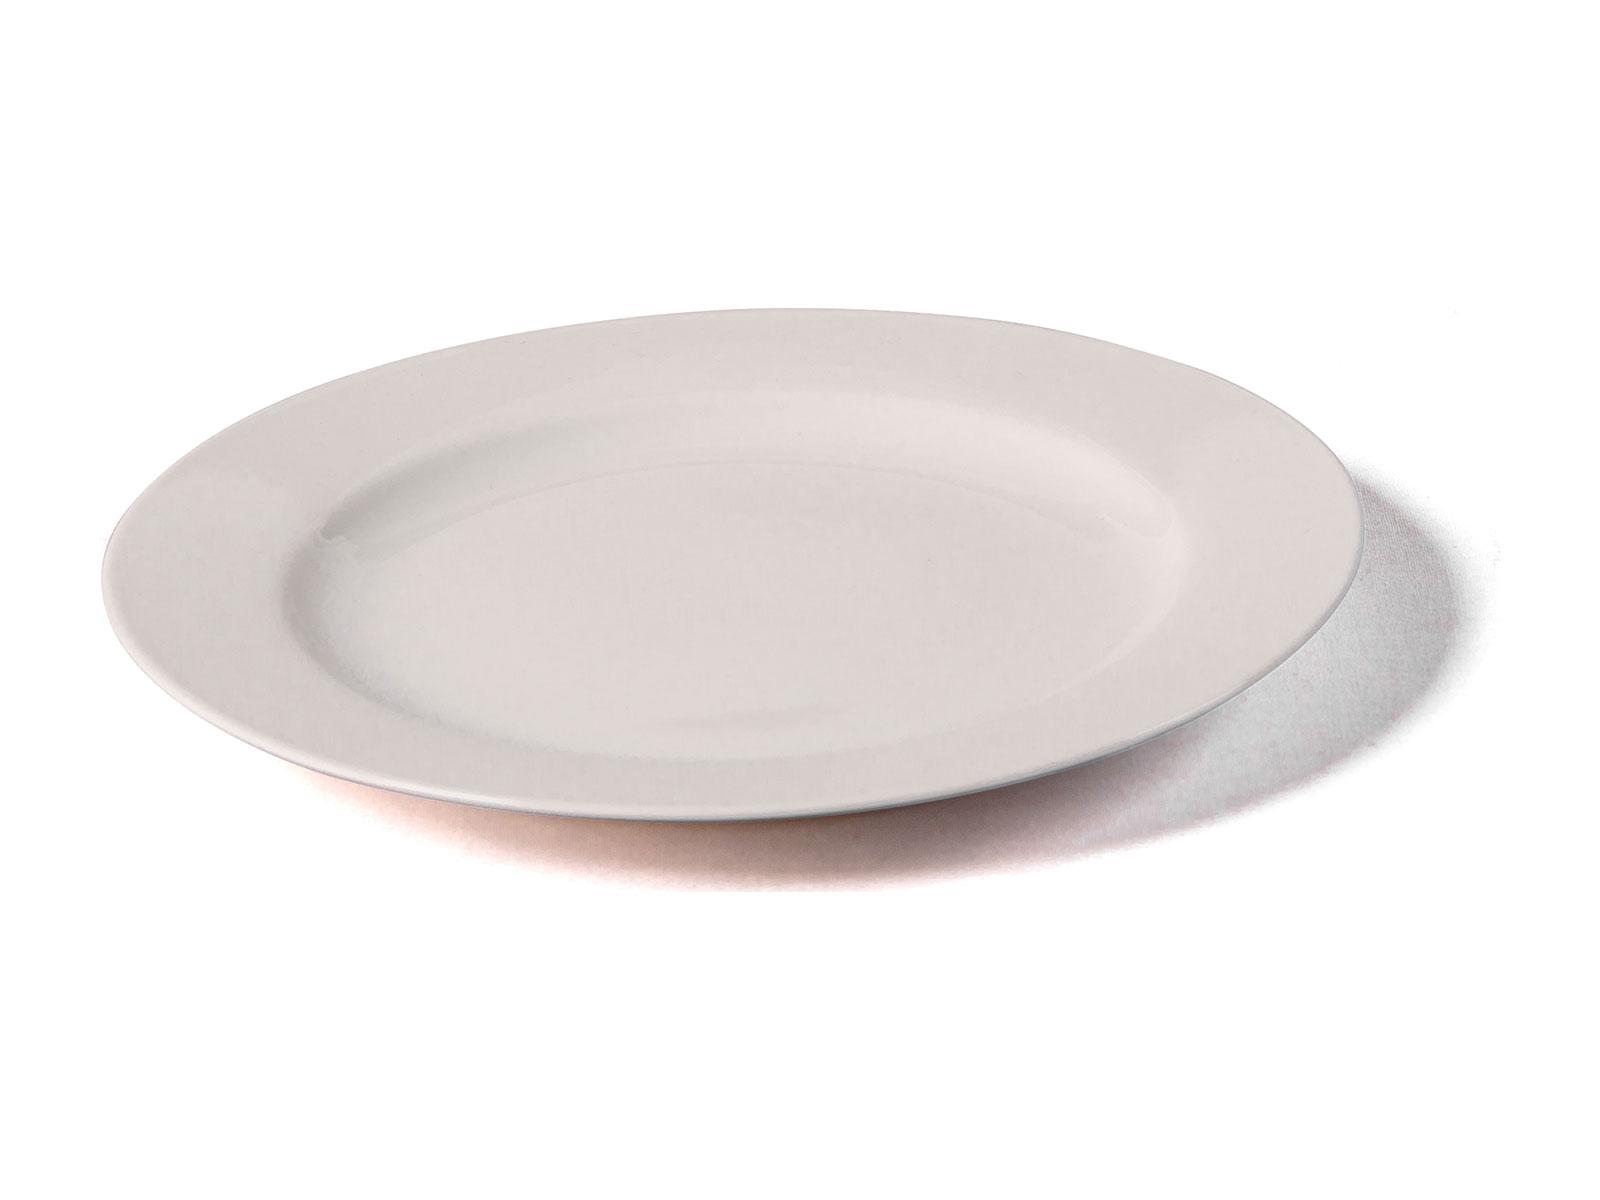 Plate – White Dinner 27cm